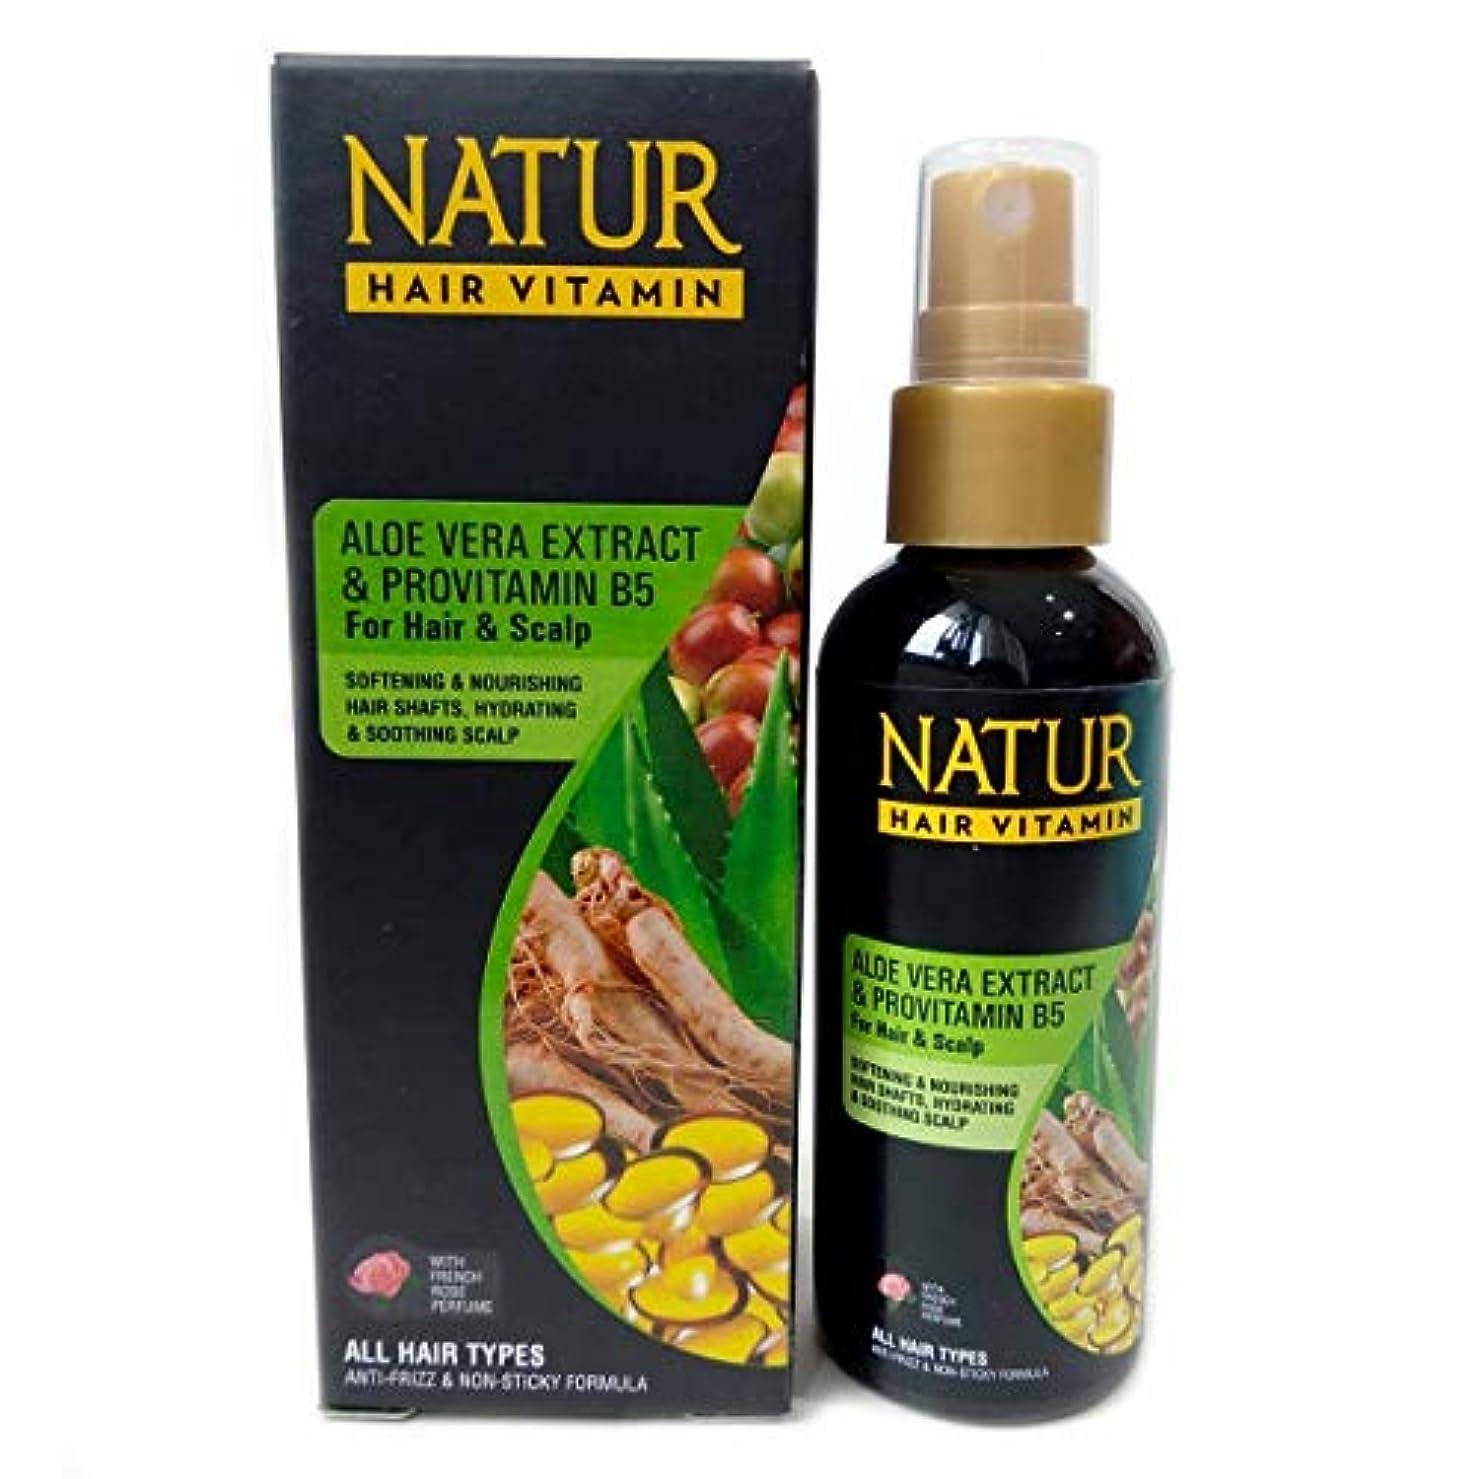 母性論争ミネラルNATUR ナトゥール 天然植物エキス配合 Hair Vitamin ハーバルヘアビタミン 80ml Aloe vera&Provitamin B5 アロエベラ&プロビタミンB5 [海外直商品]